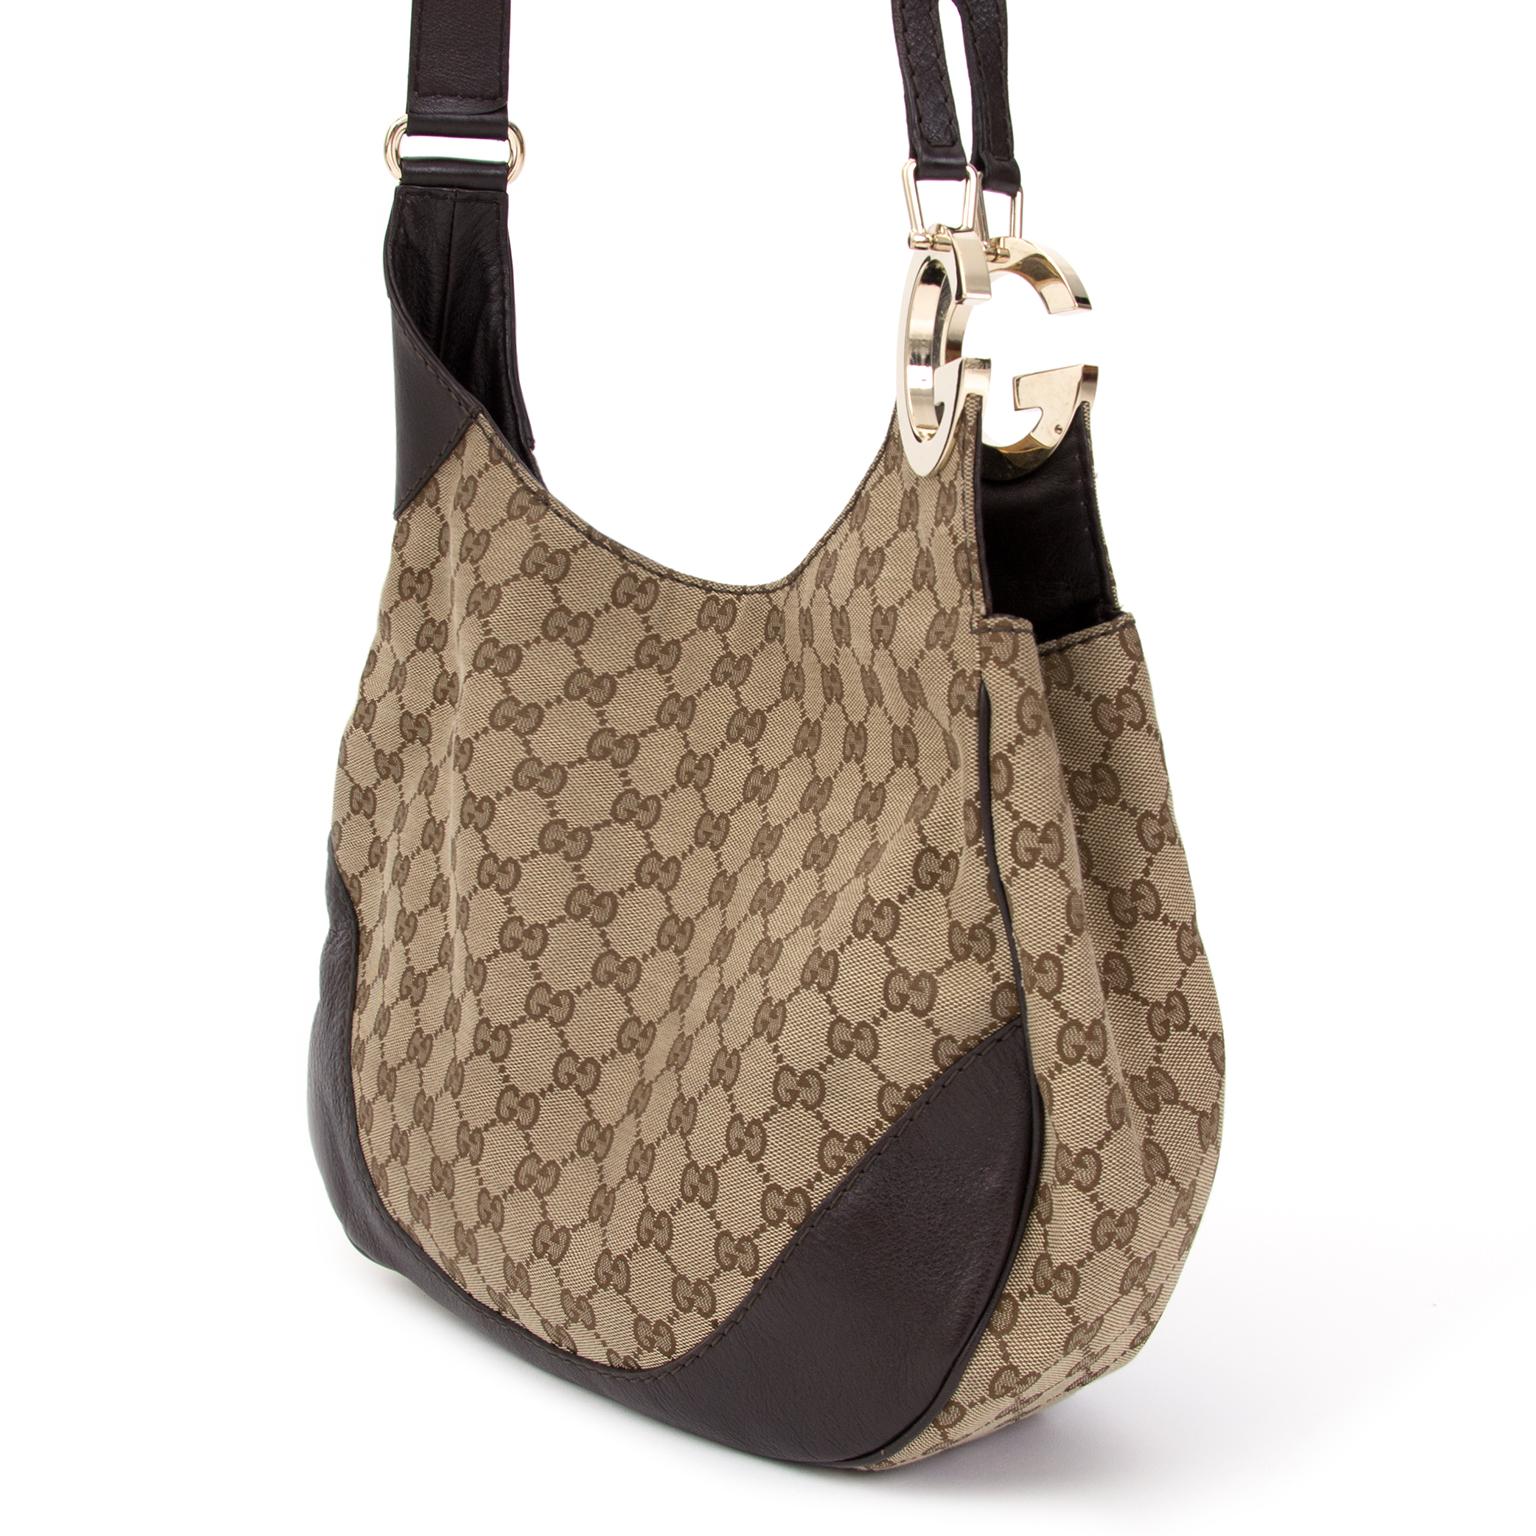 3c14dedb7e11 ... shop safe online secondhand designer bag Gucci Monogram Hobo Bag